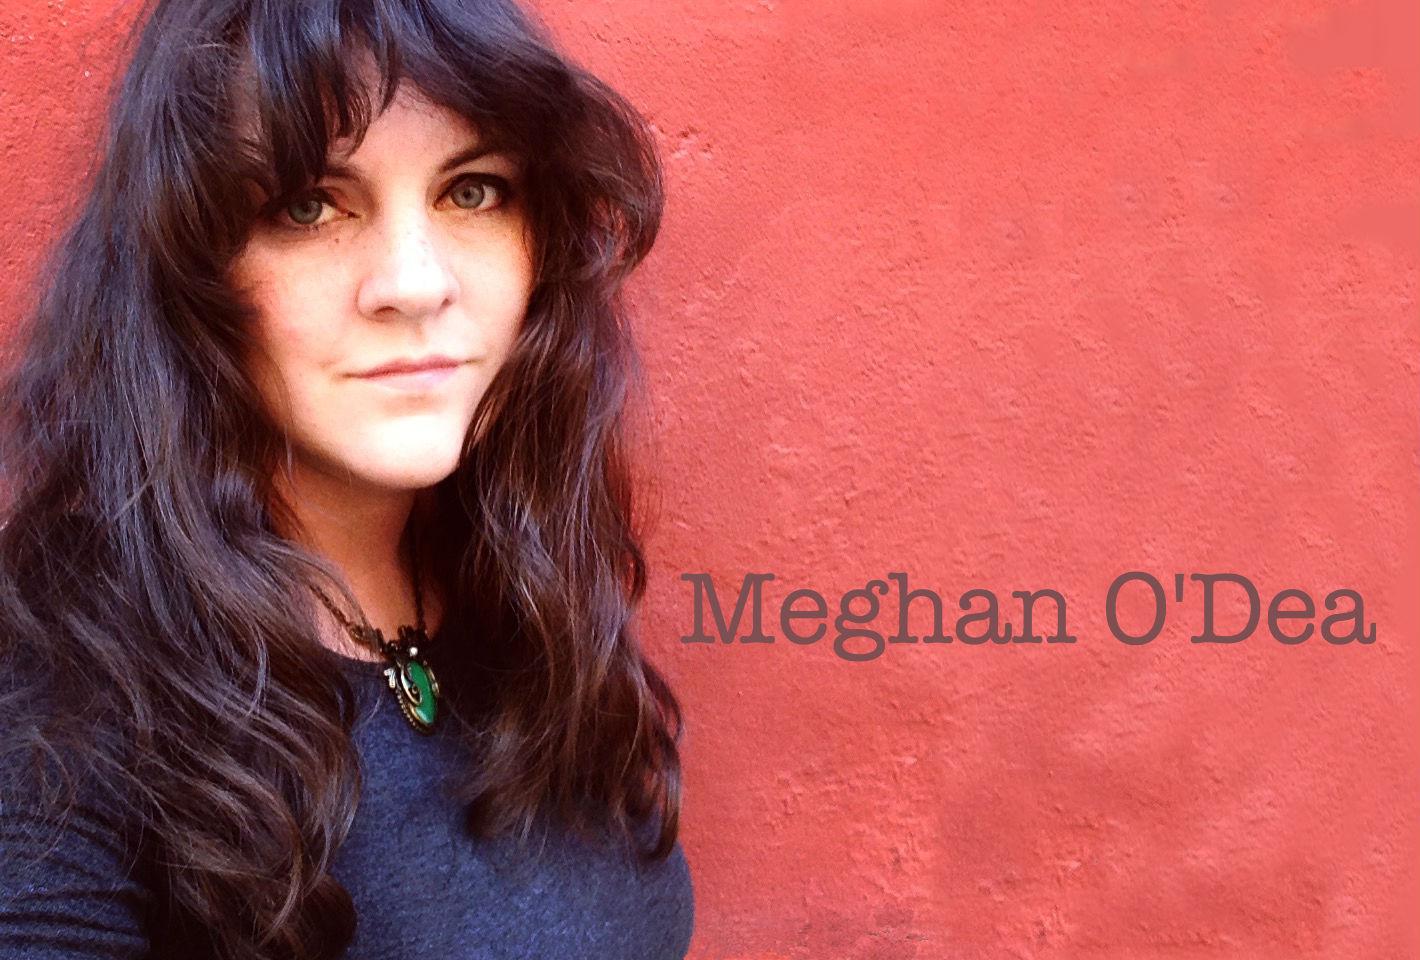 Meghan O'Dea